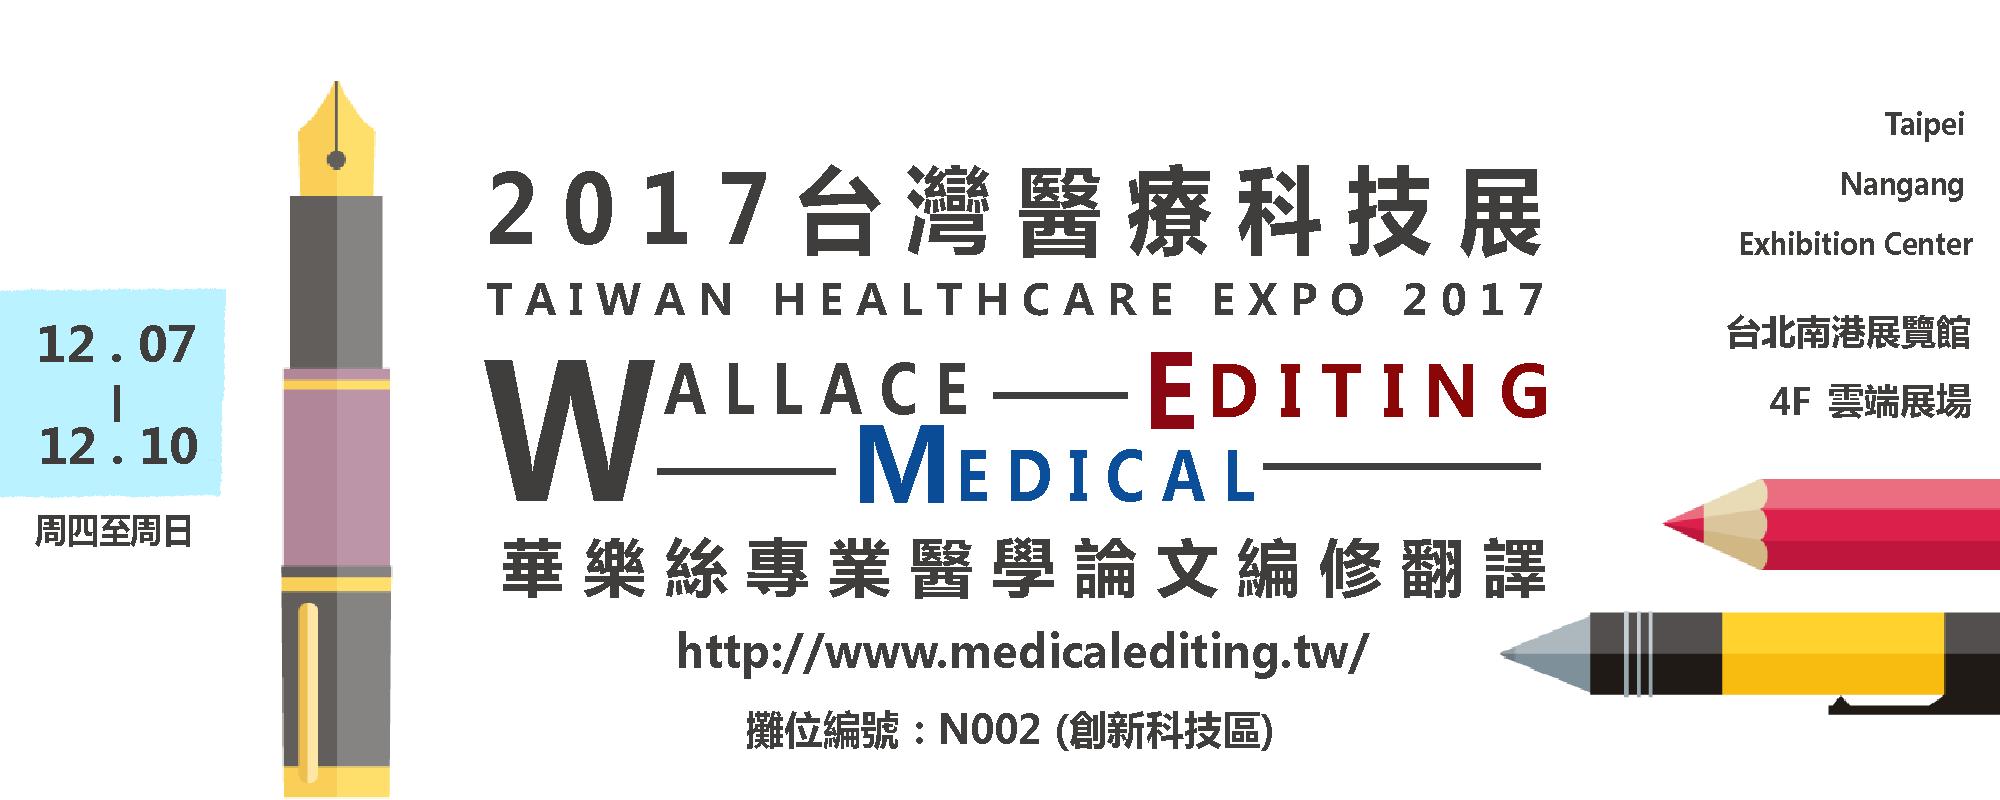 2017 台灣醫療科技展 – 2017年12月7日 (四) ~ 2017年12月10日 (日)